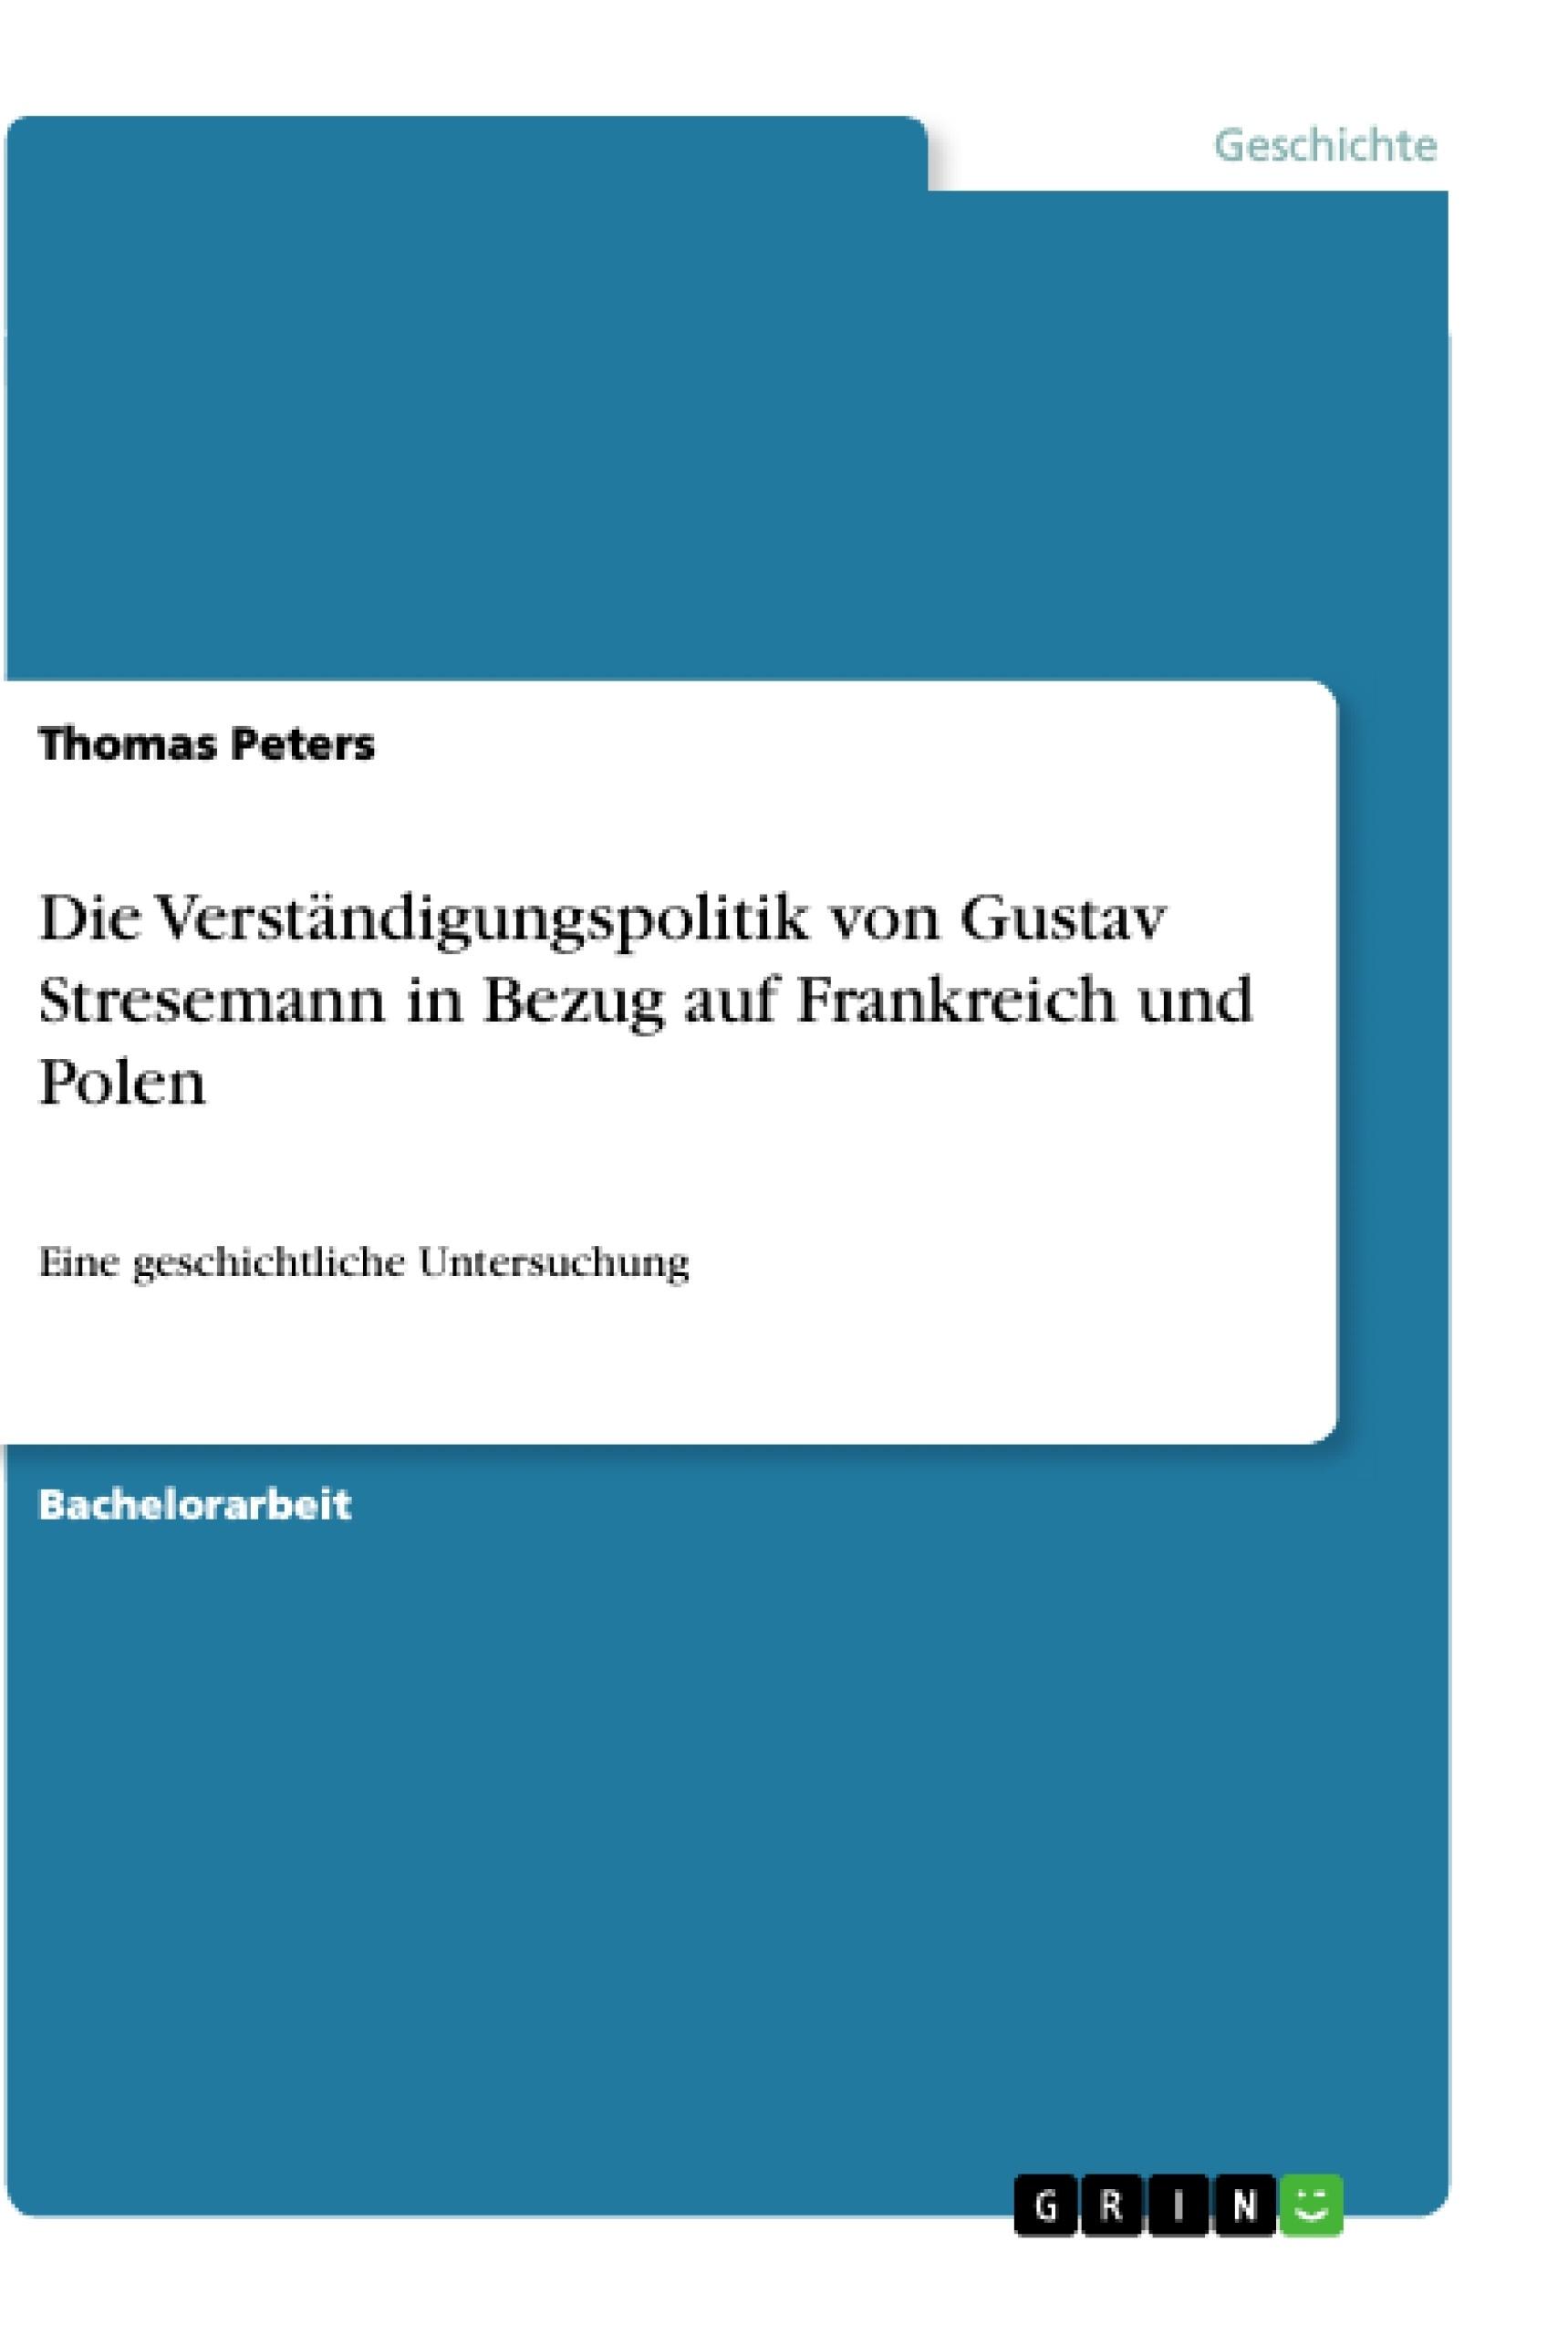 Titel: Die Verständigungspolitik von Gustav Stresemann in Bezug auf Frankreich und Polen